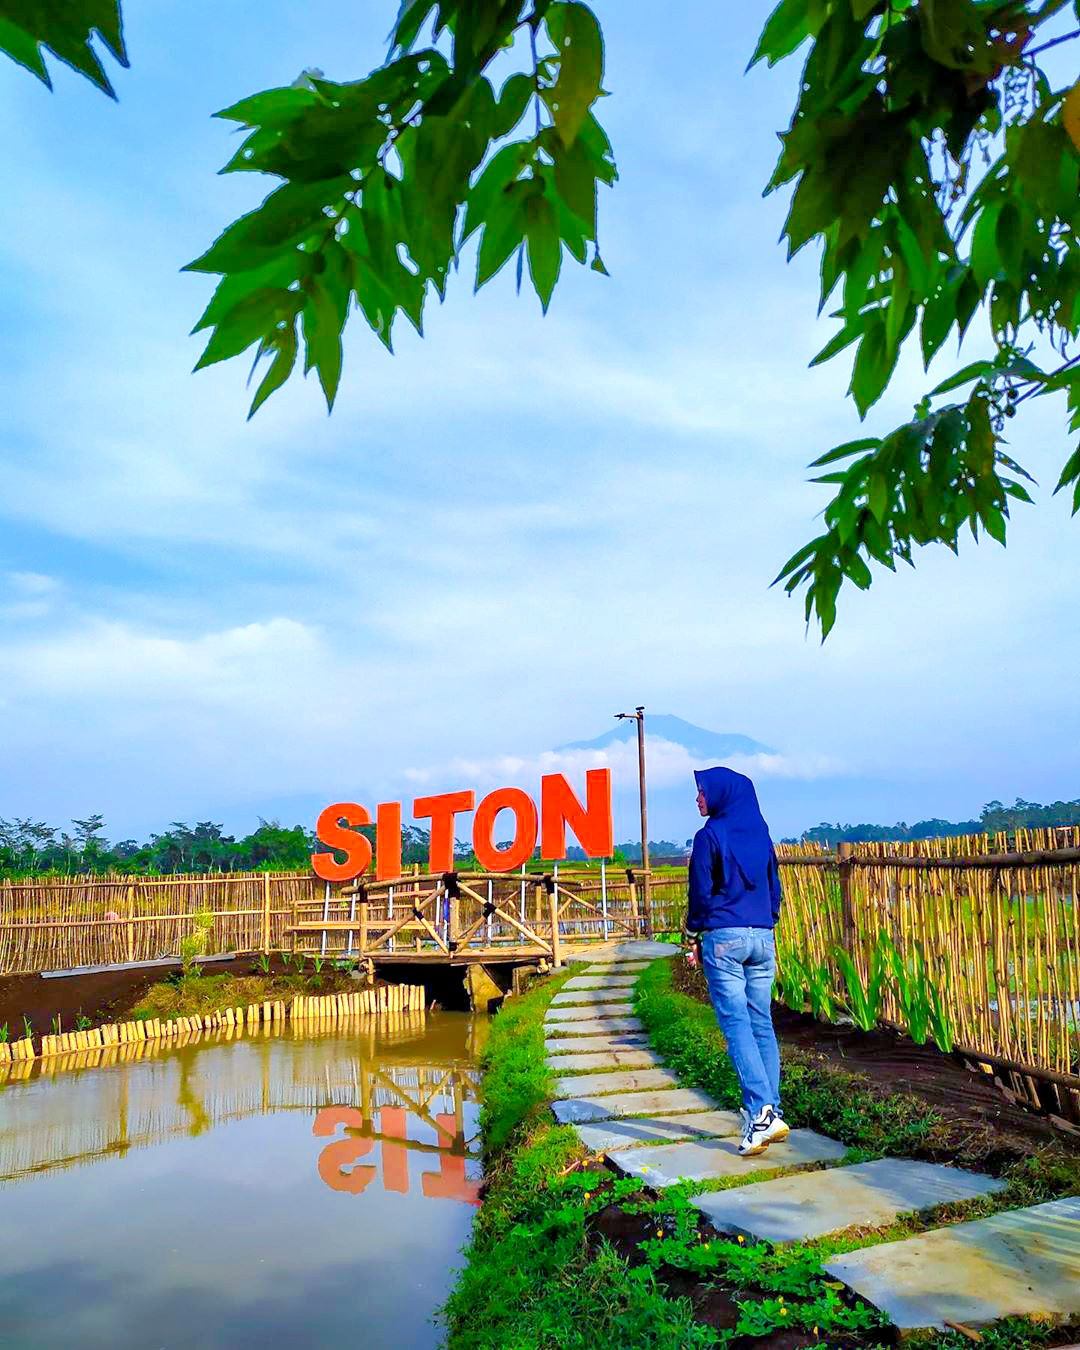 Wisata Siton Banjaranyar Destinasi Wisata Di Jawa Tengah